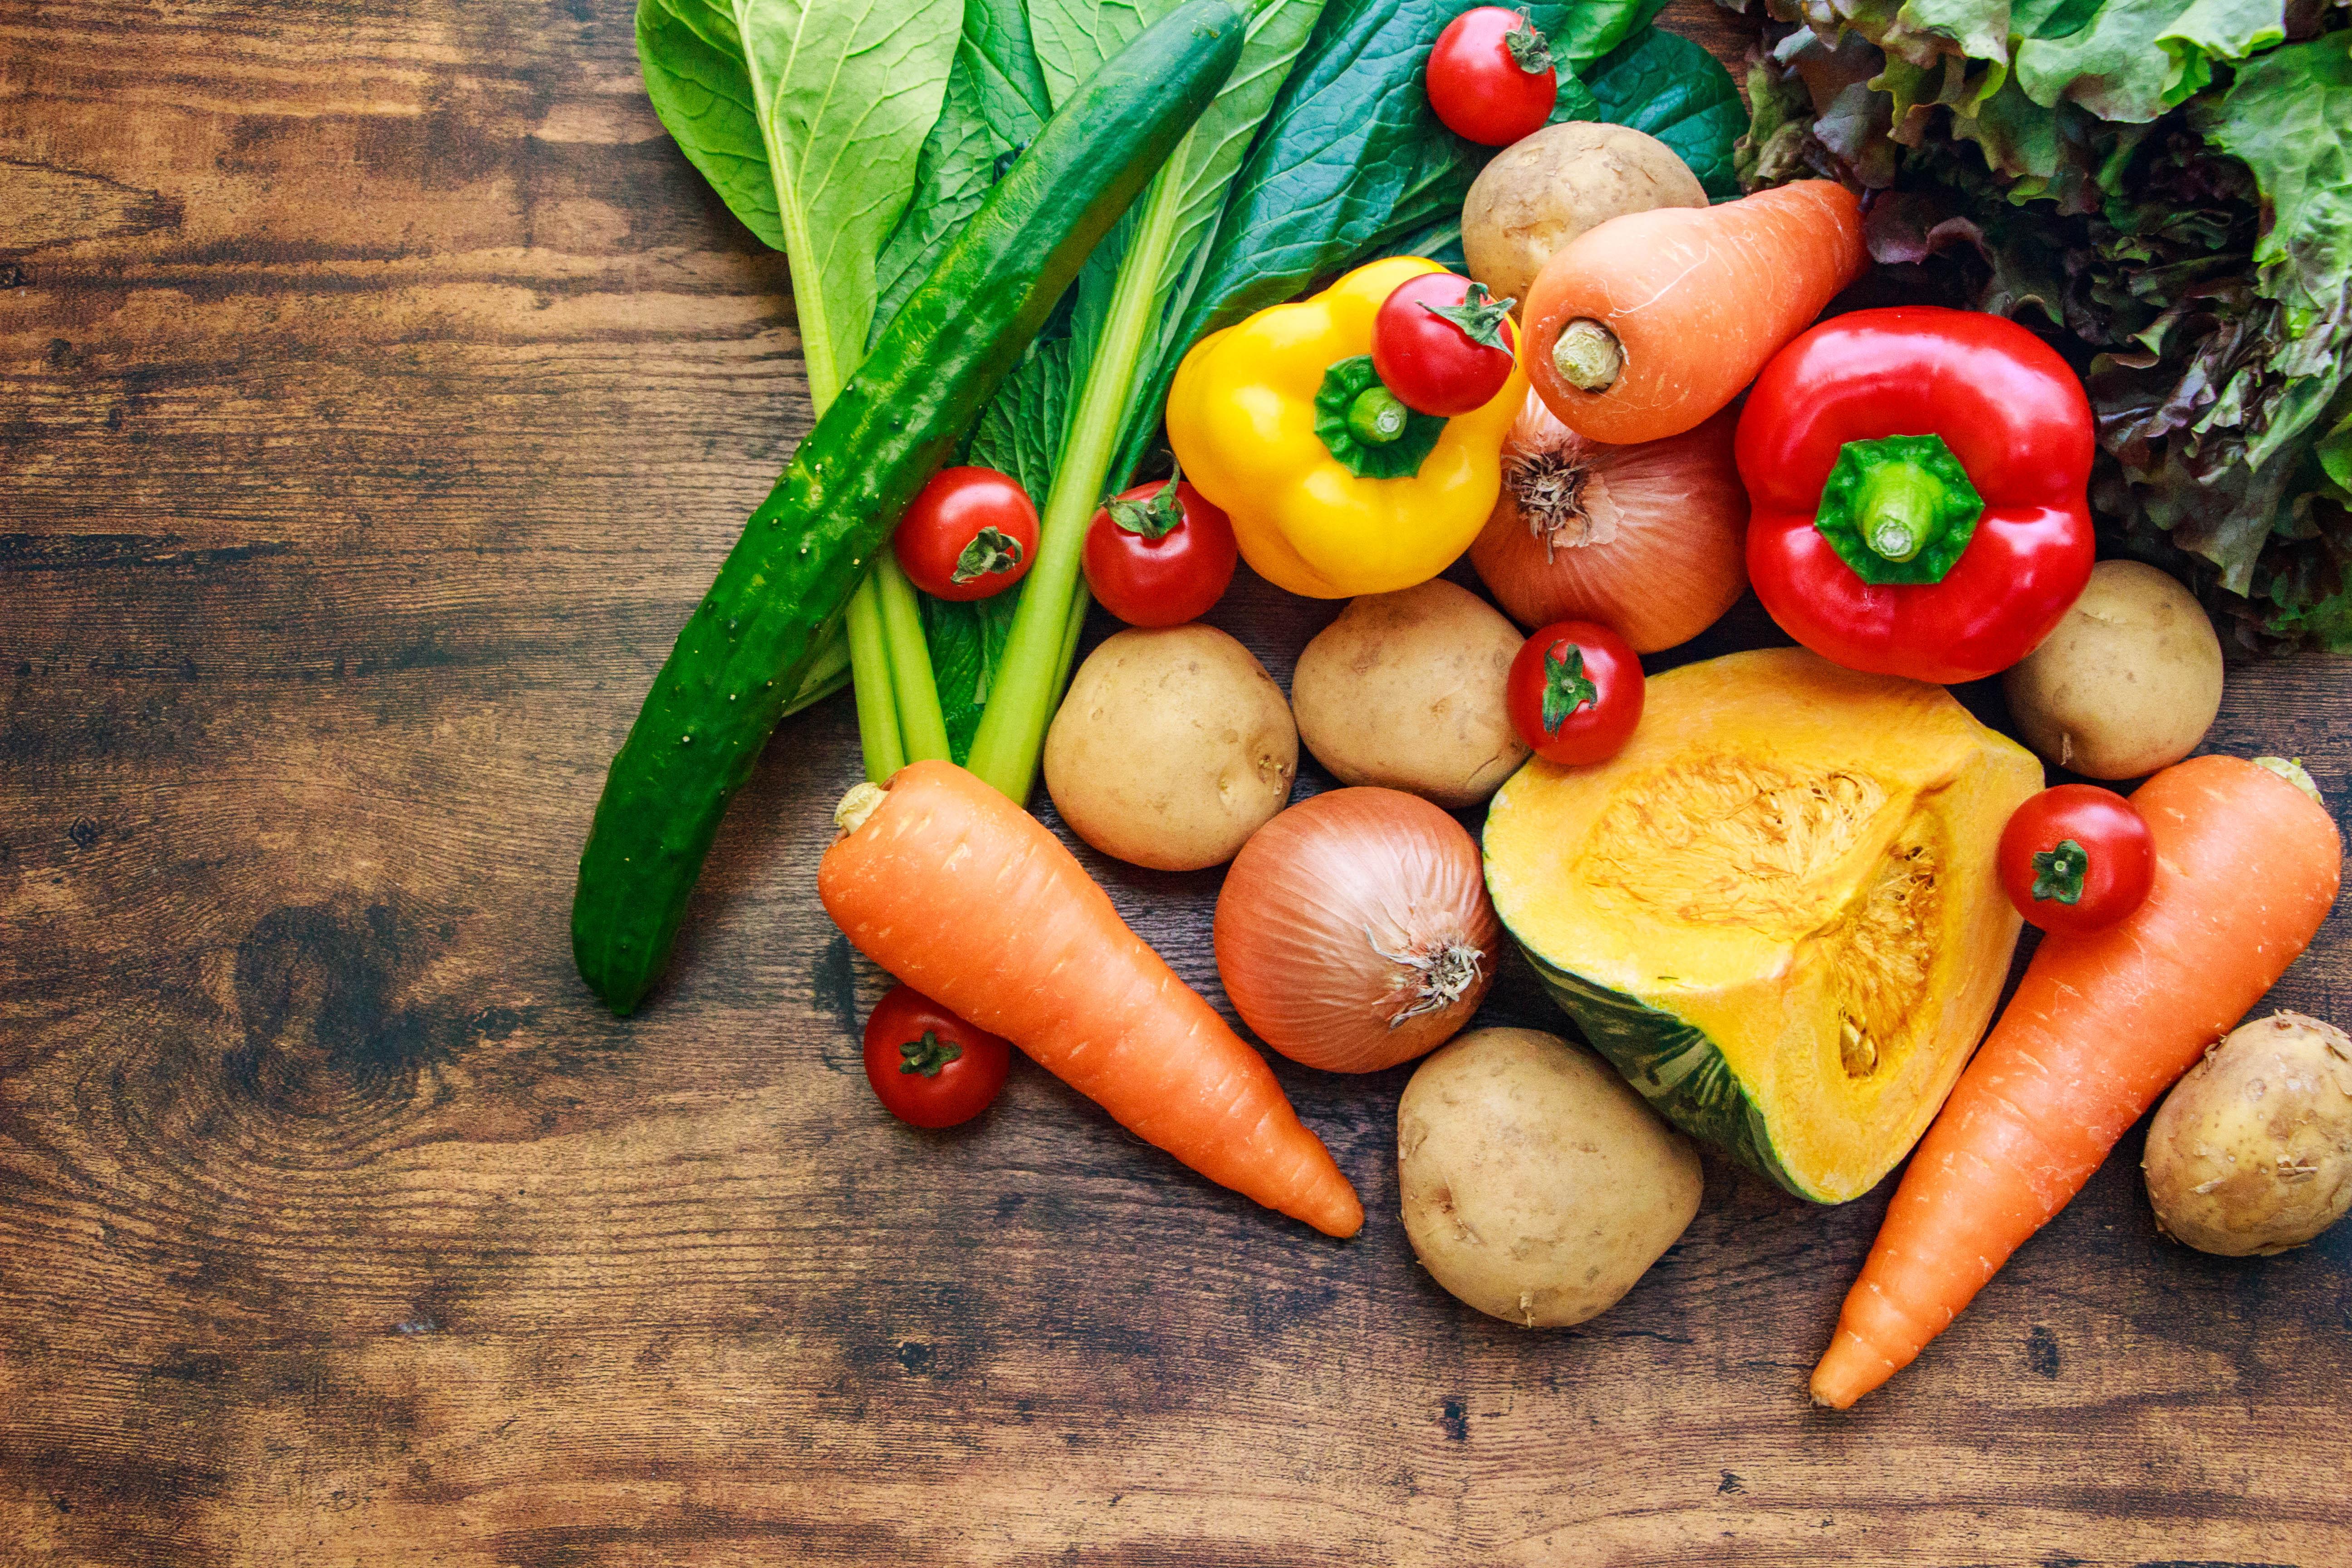 【知って得する!】野菜の賞味期限まとめ